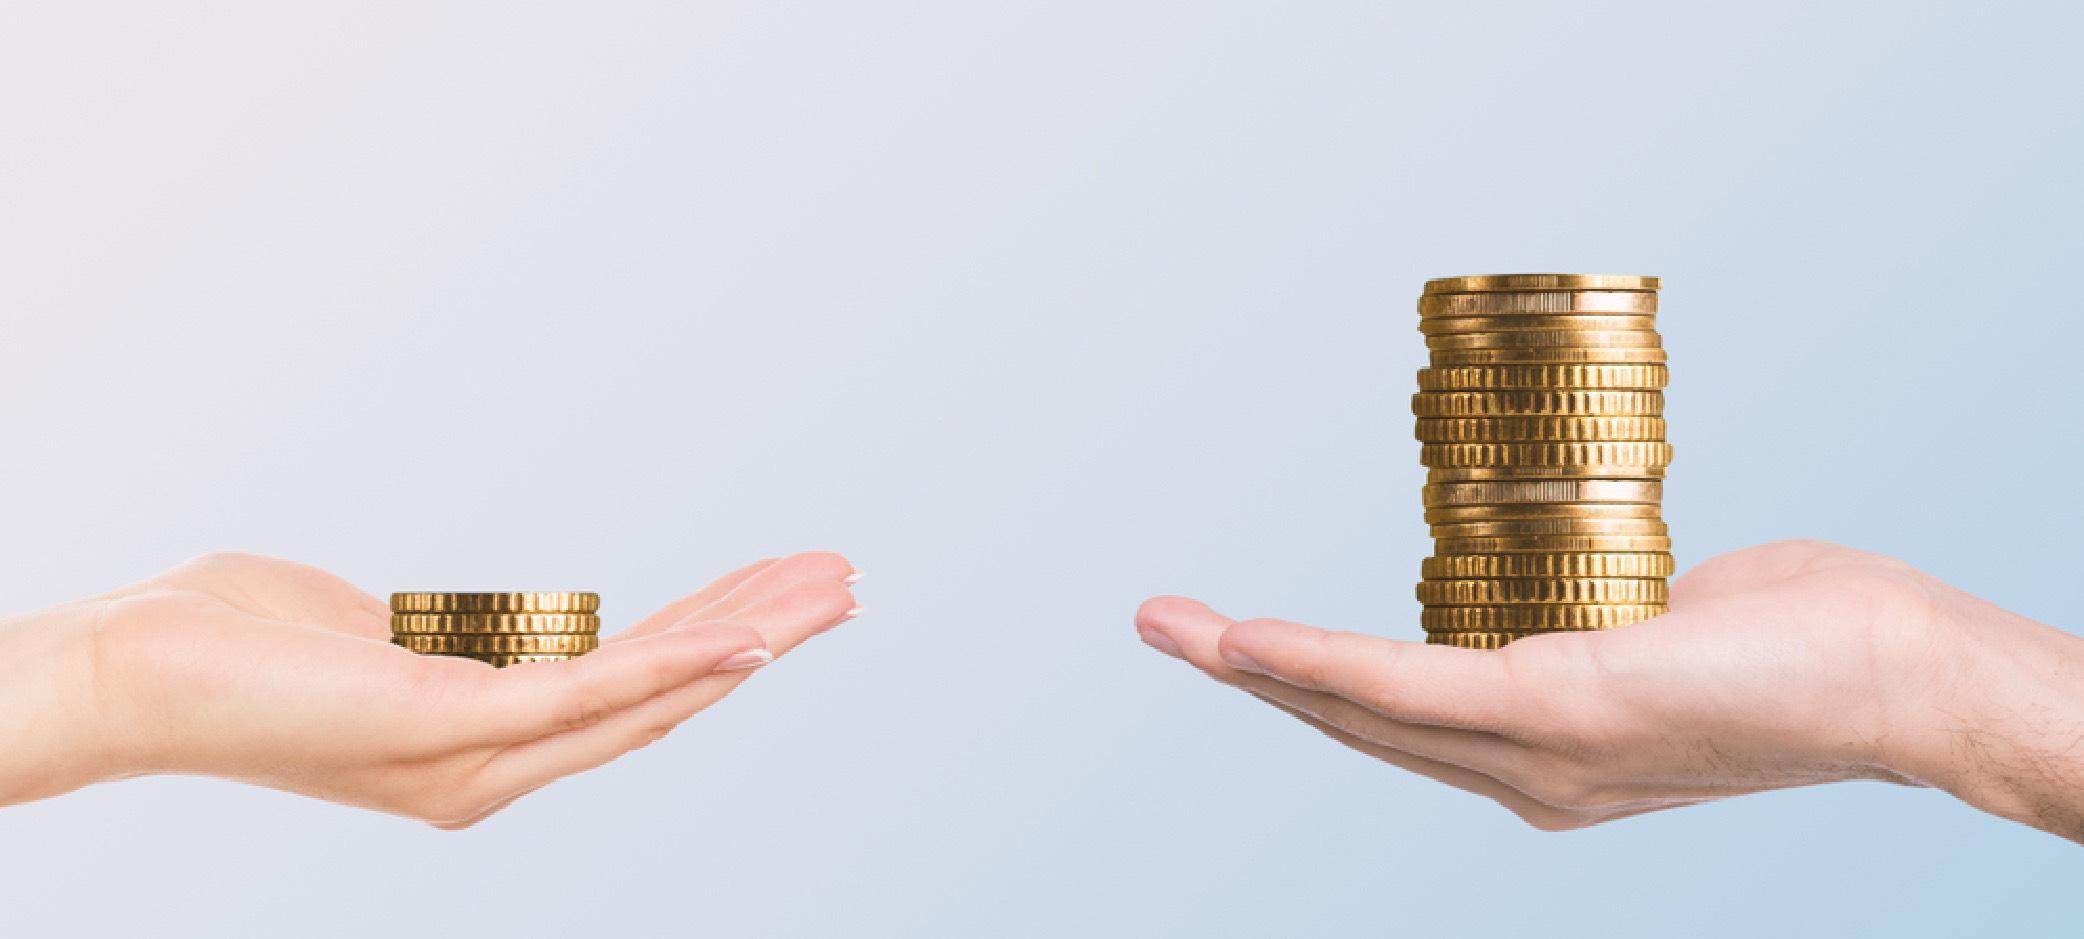 Igualdad financiera